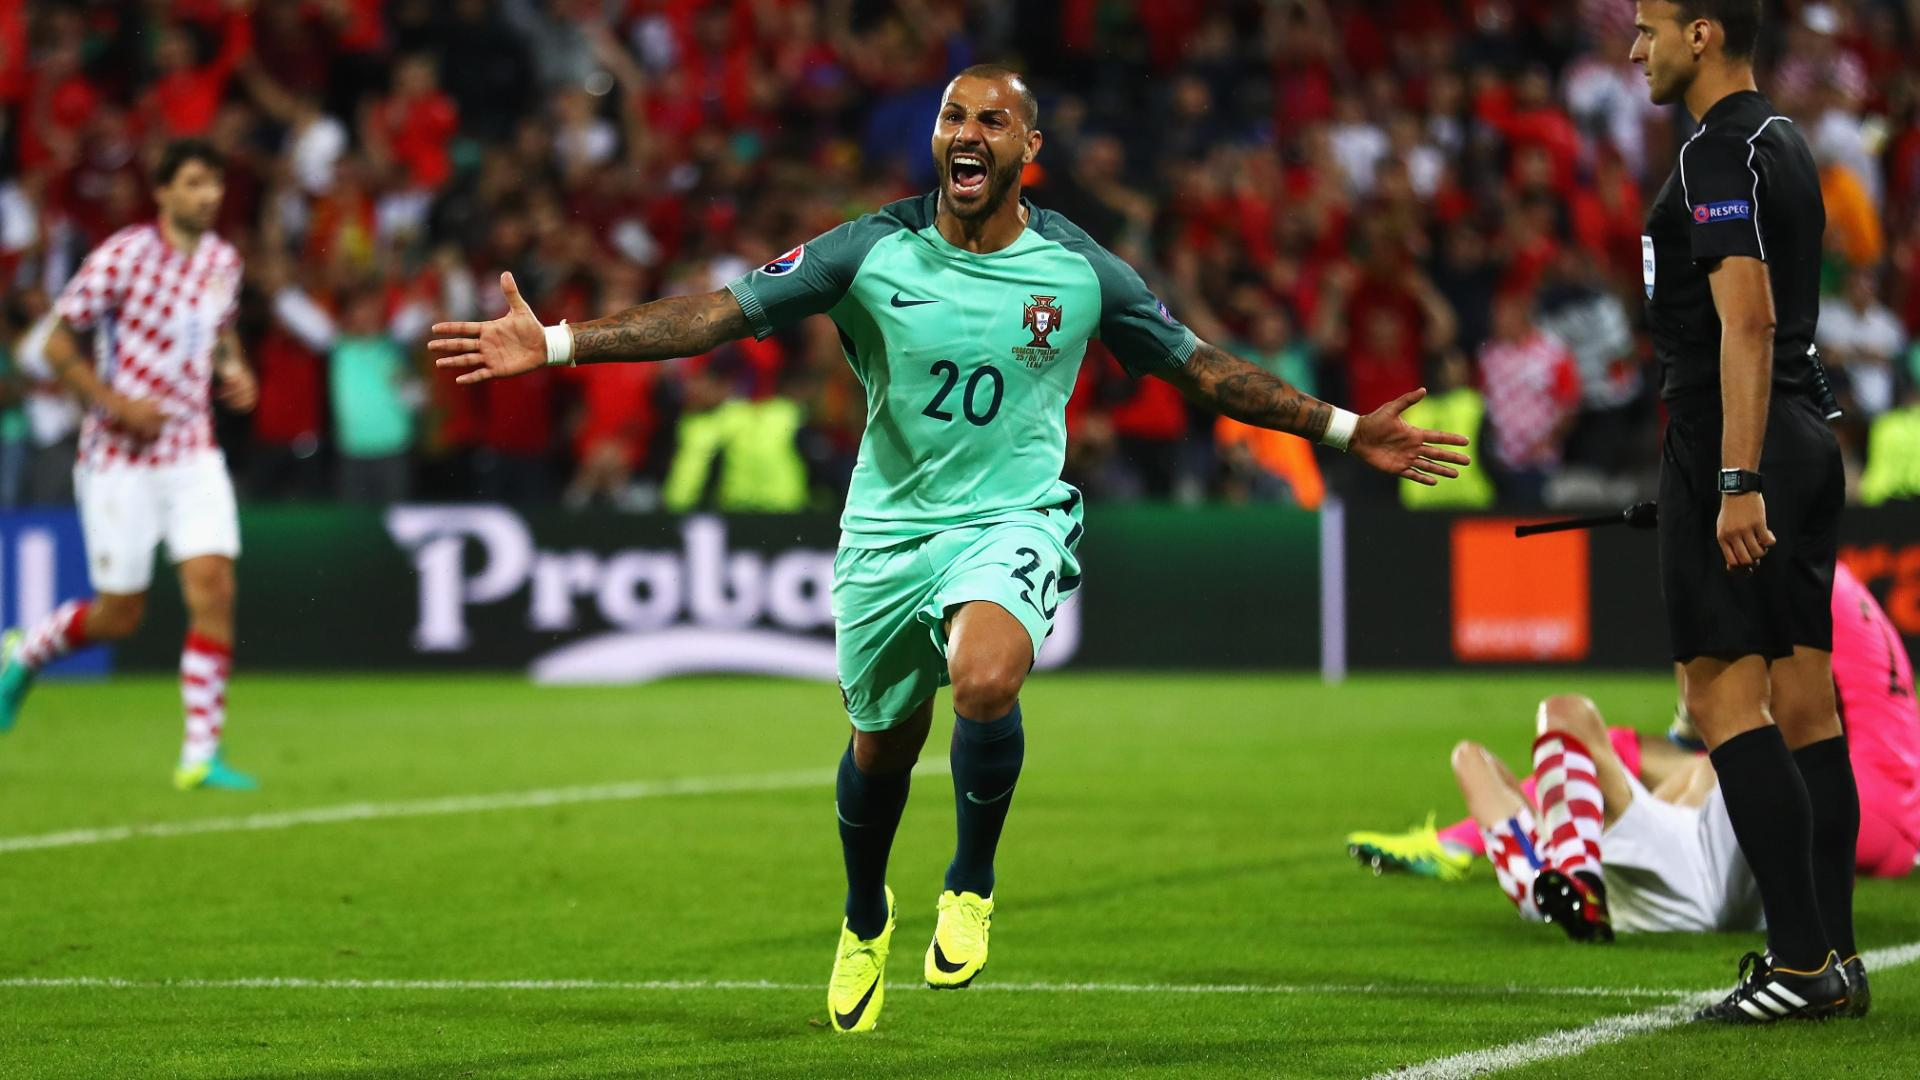 Quaresma's extra-time goal sends Portugal into the quarterfinals